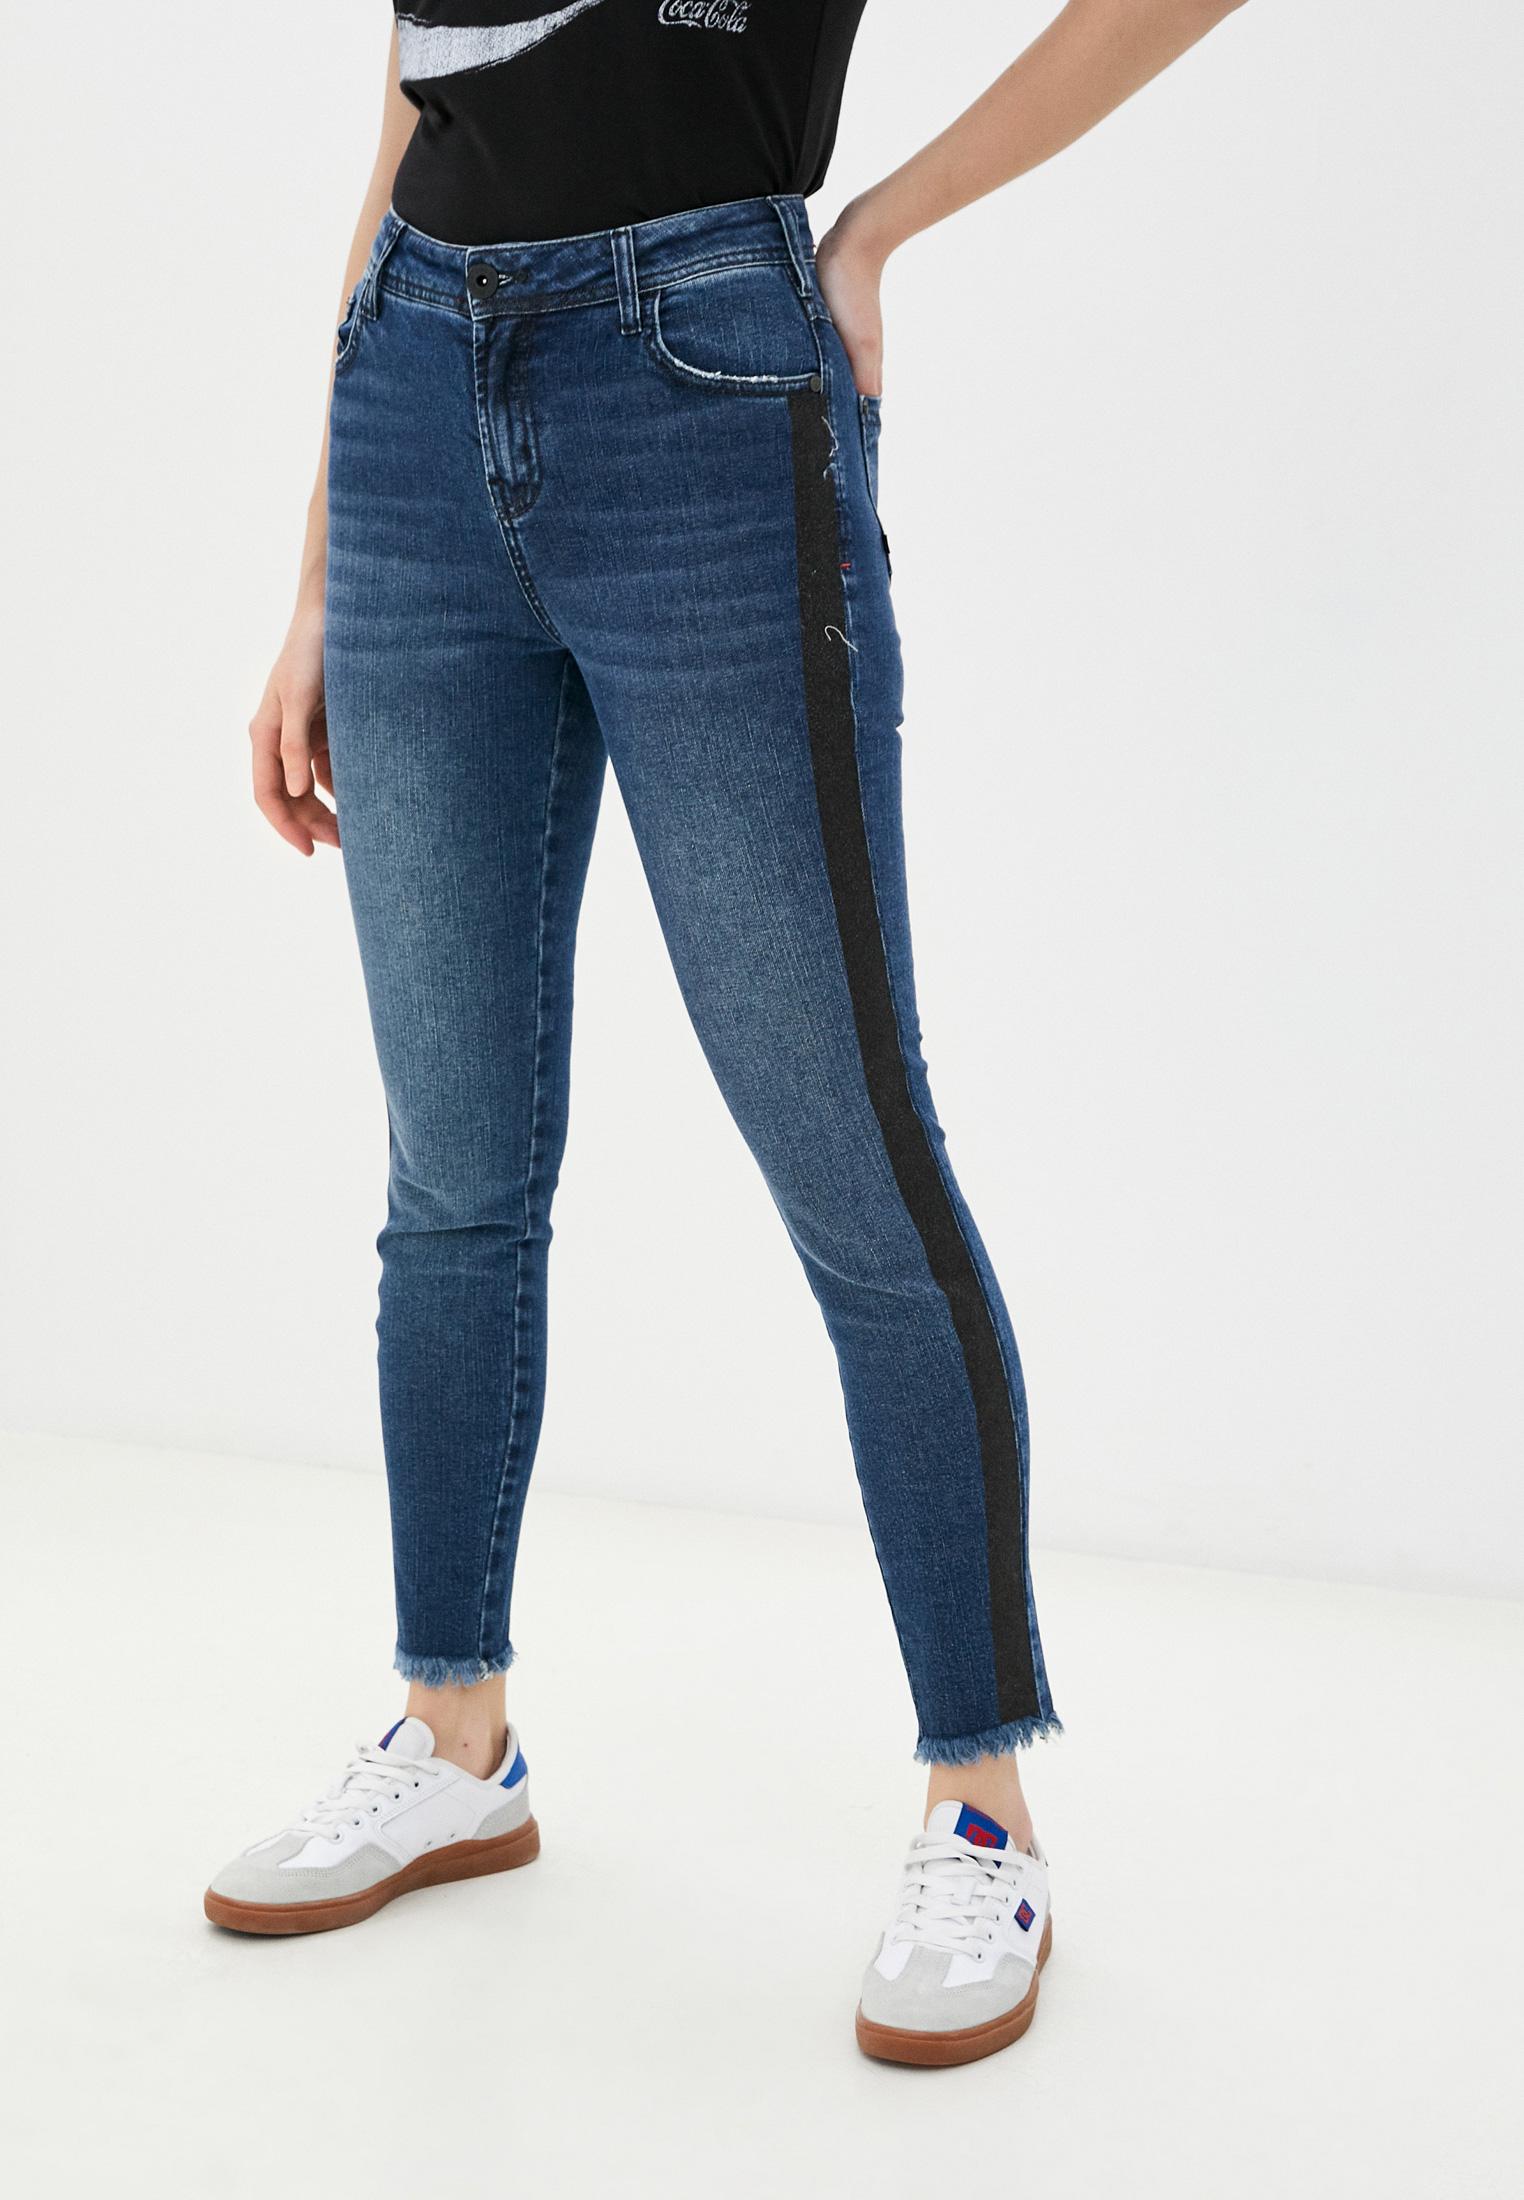 Зауженные джинсы Coca Cola Jeans 002.32.03068: изображение 1